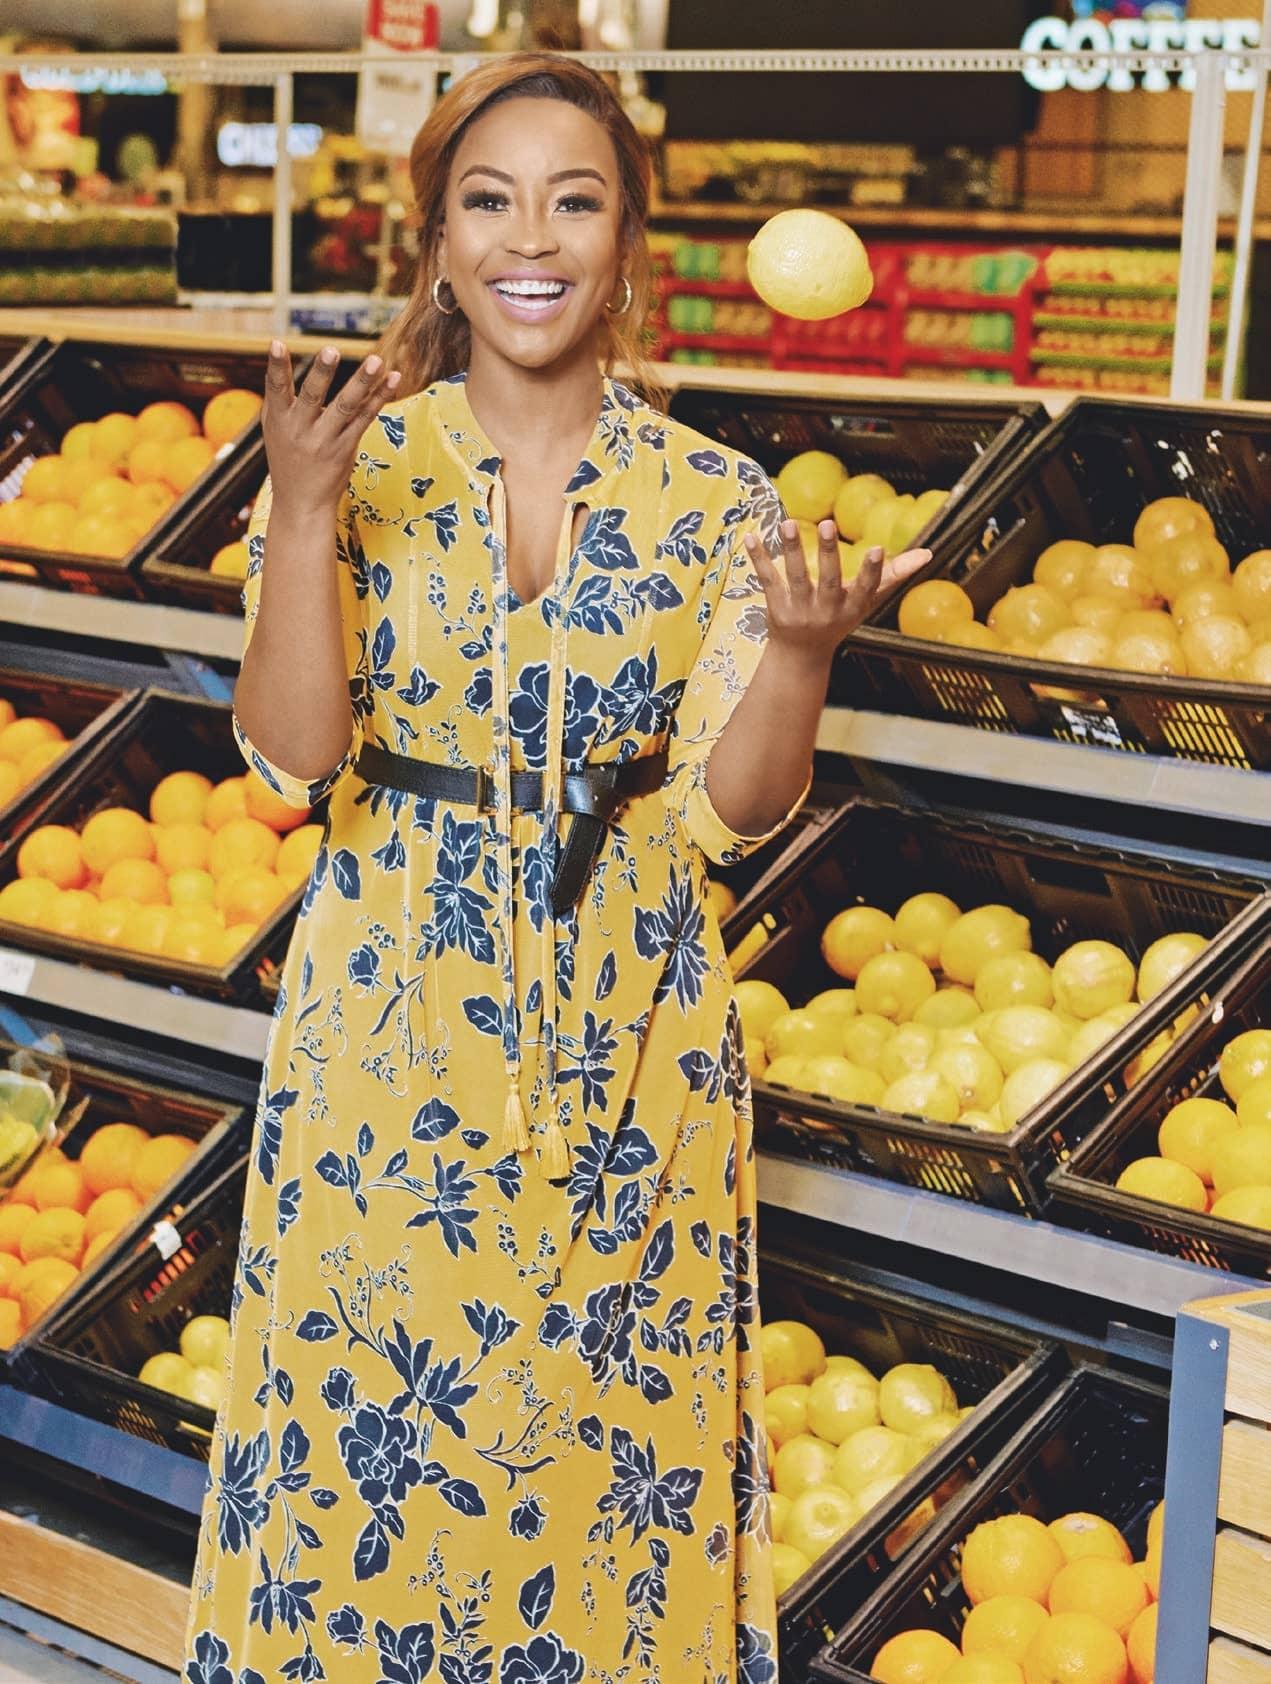 Food, Fashion, Fun! With Lorna Maseko